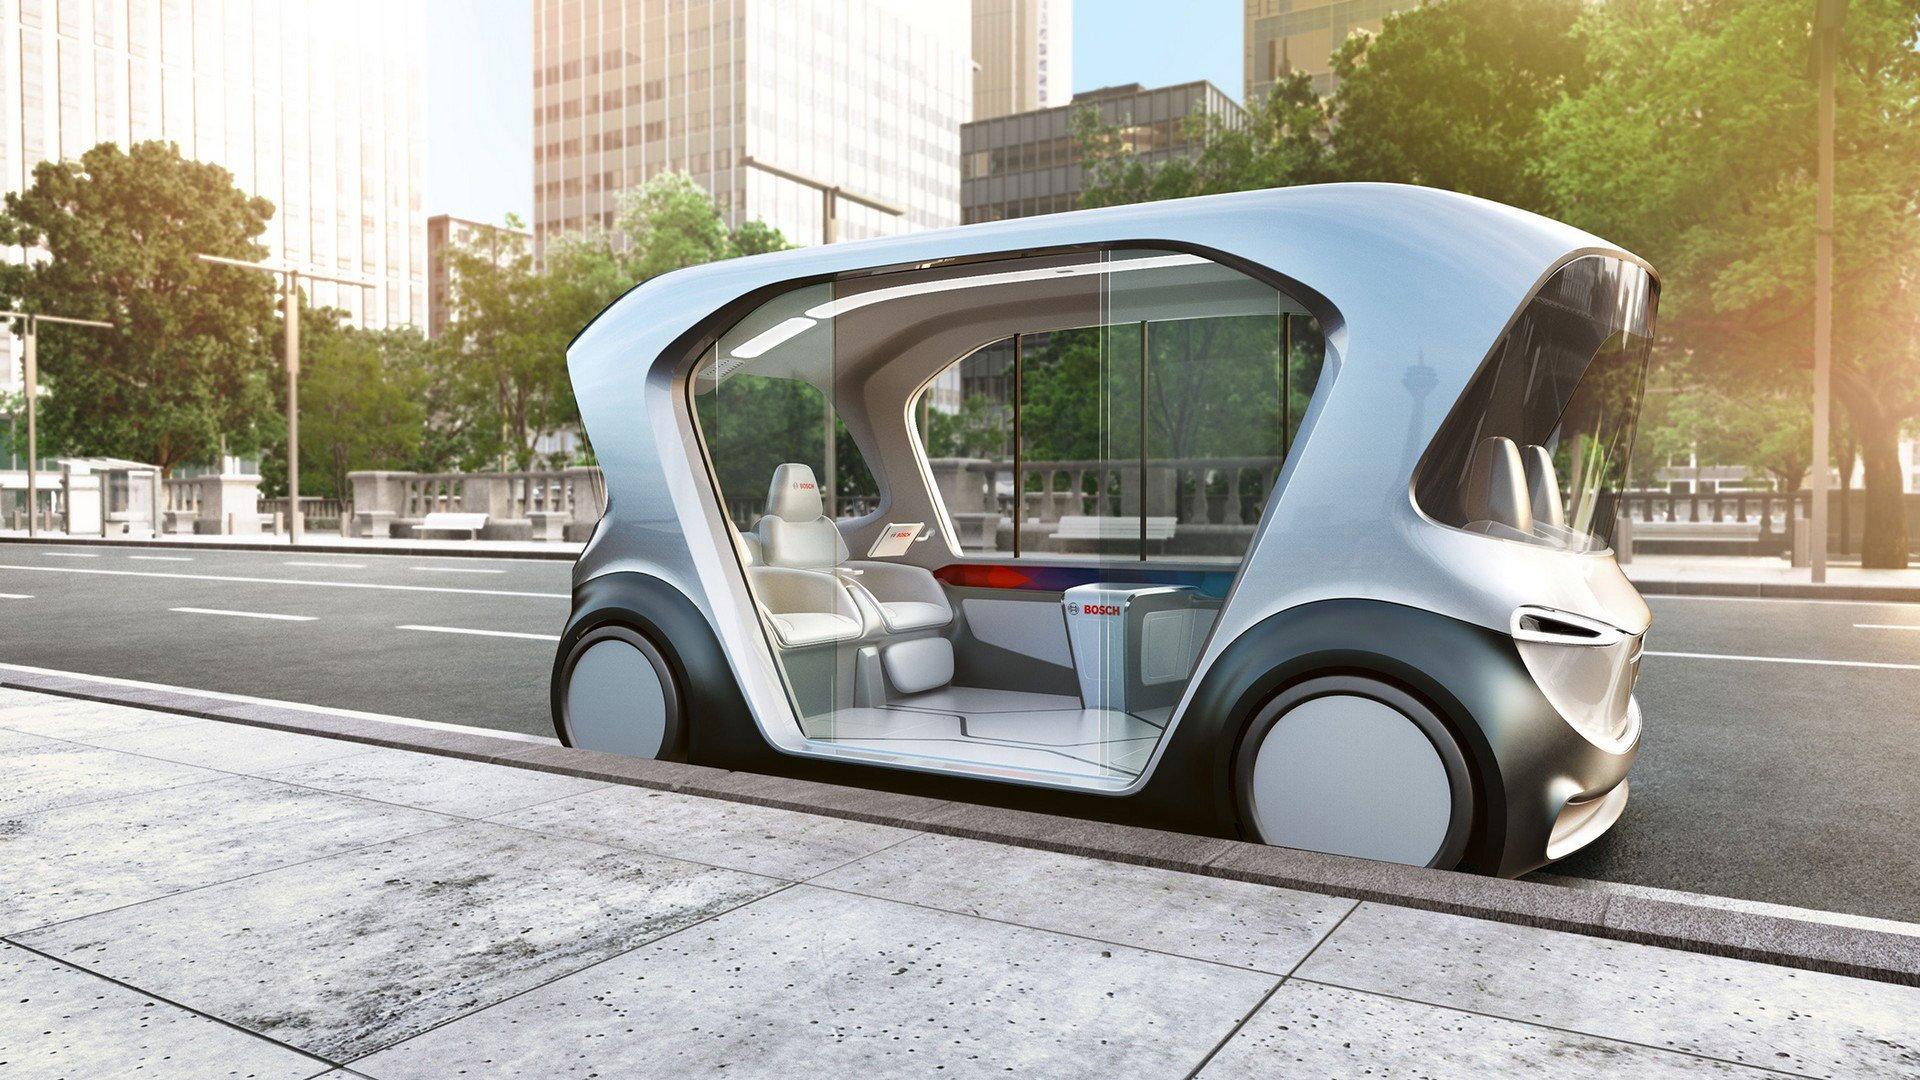 Bosch self-driving shuttle concept